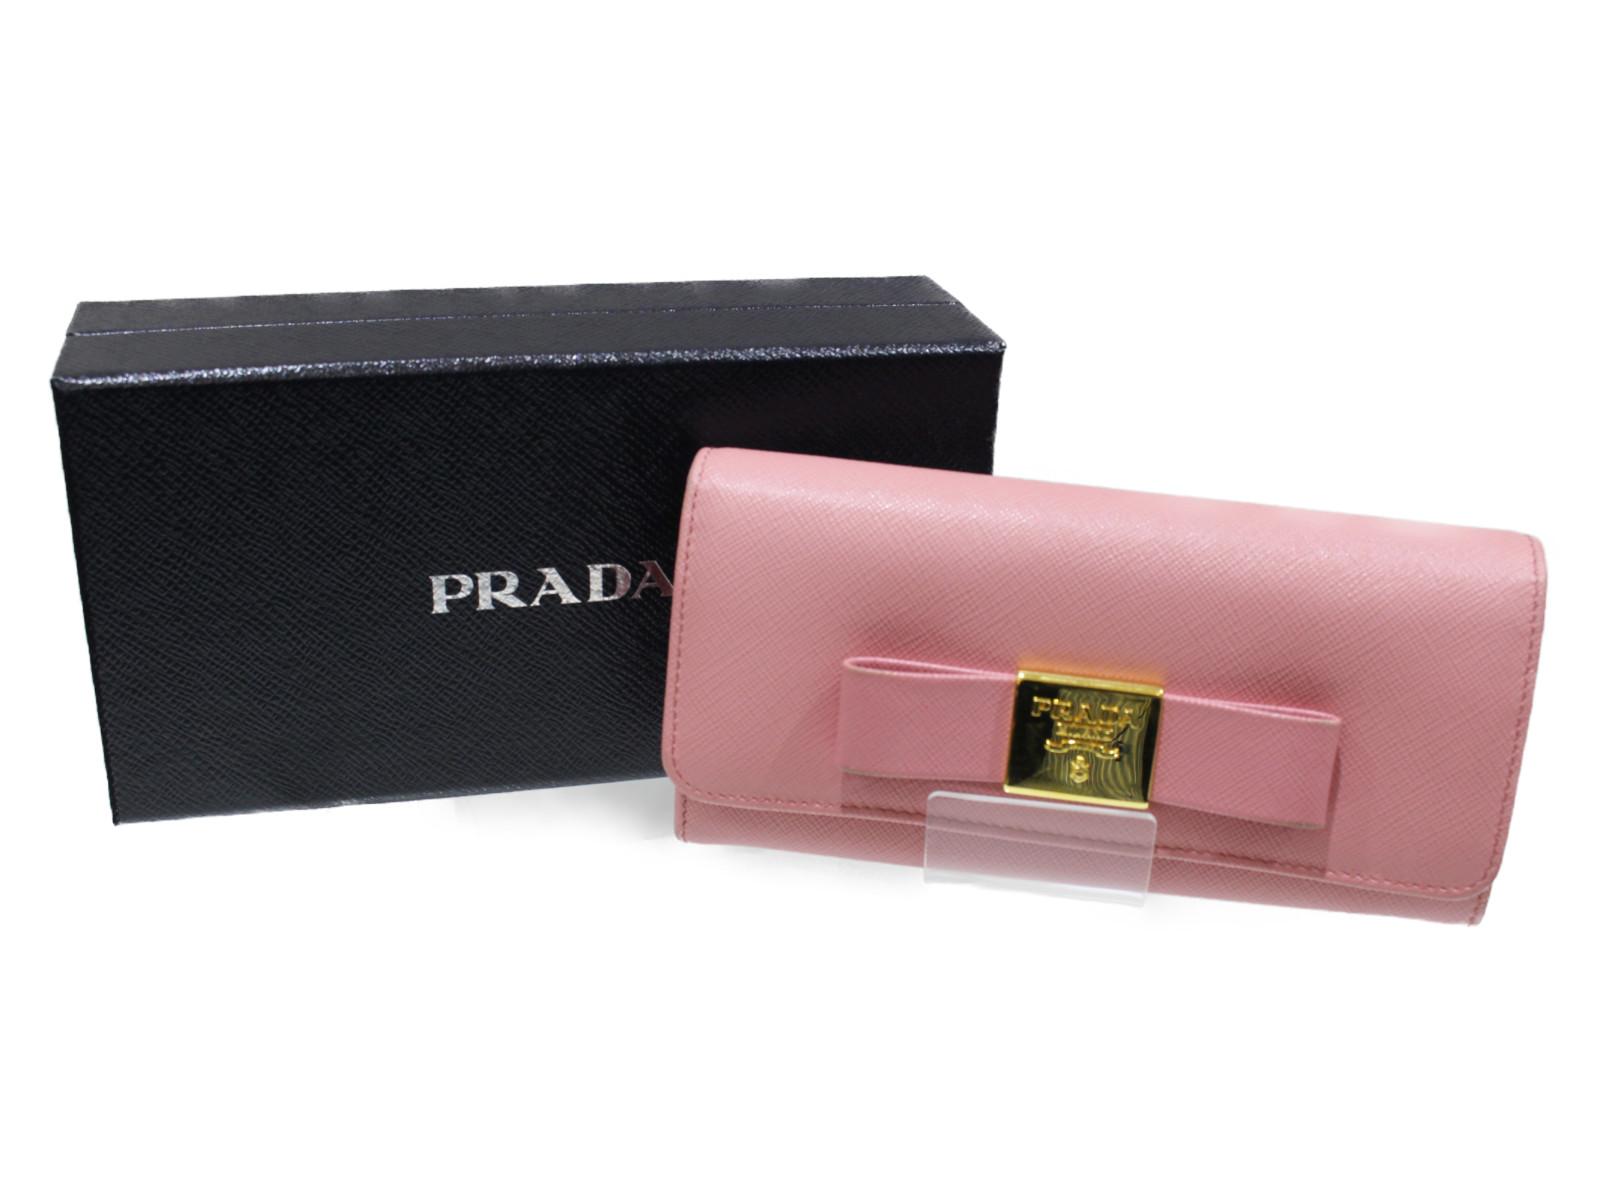 【箱、カードケース付き】PRADA サフィアーノ 1MH132 ピンク レザー レディース 長財布 【中古】